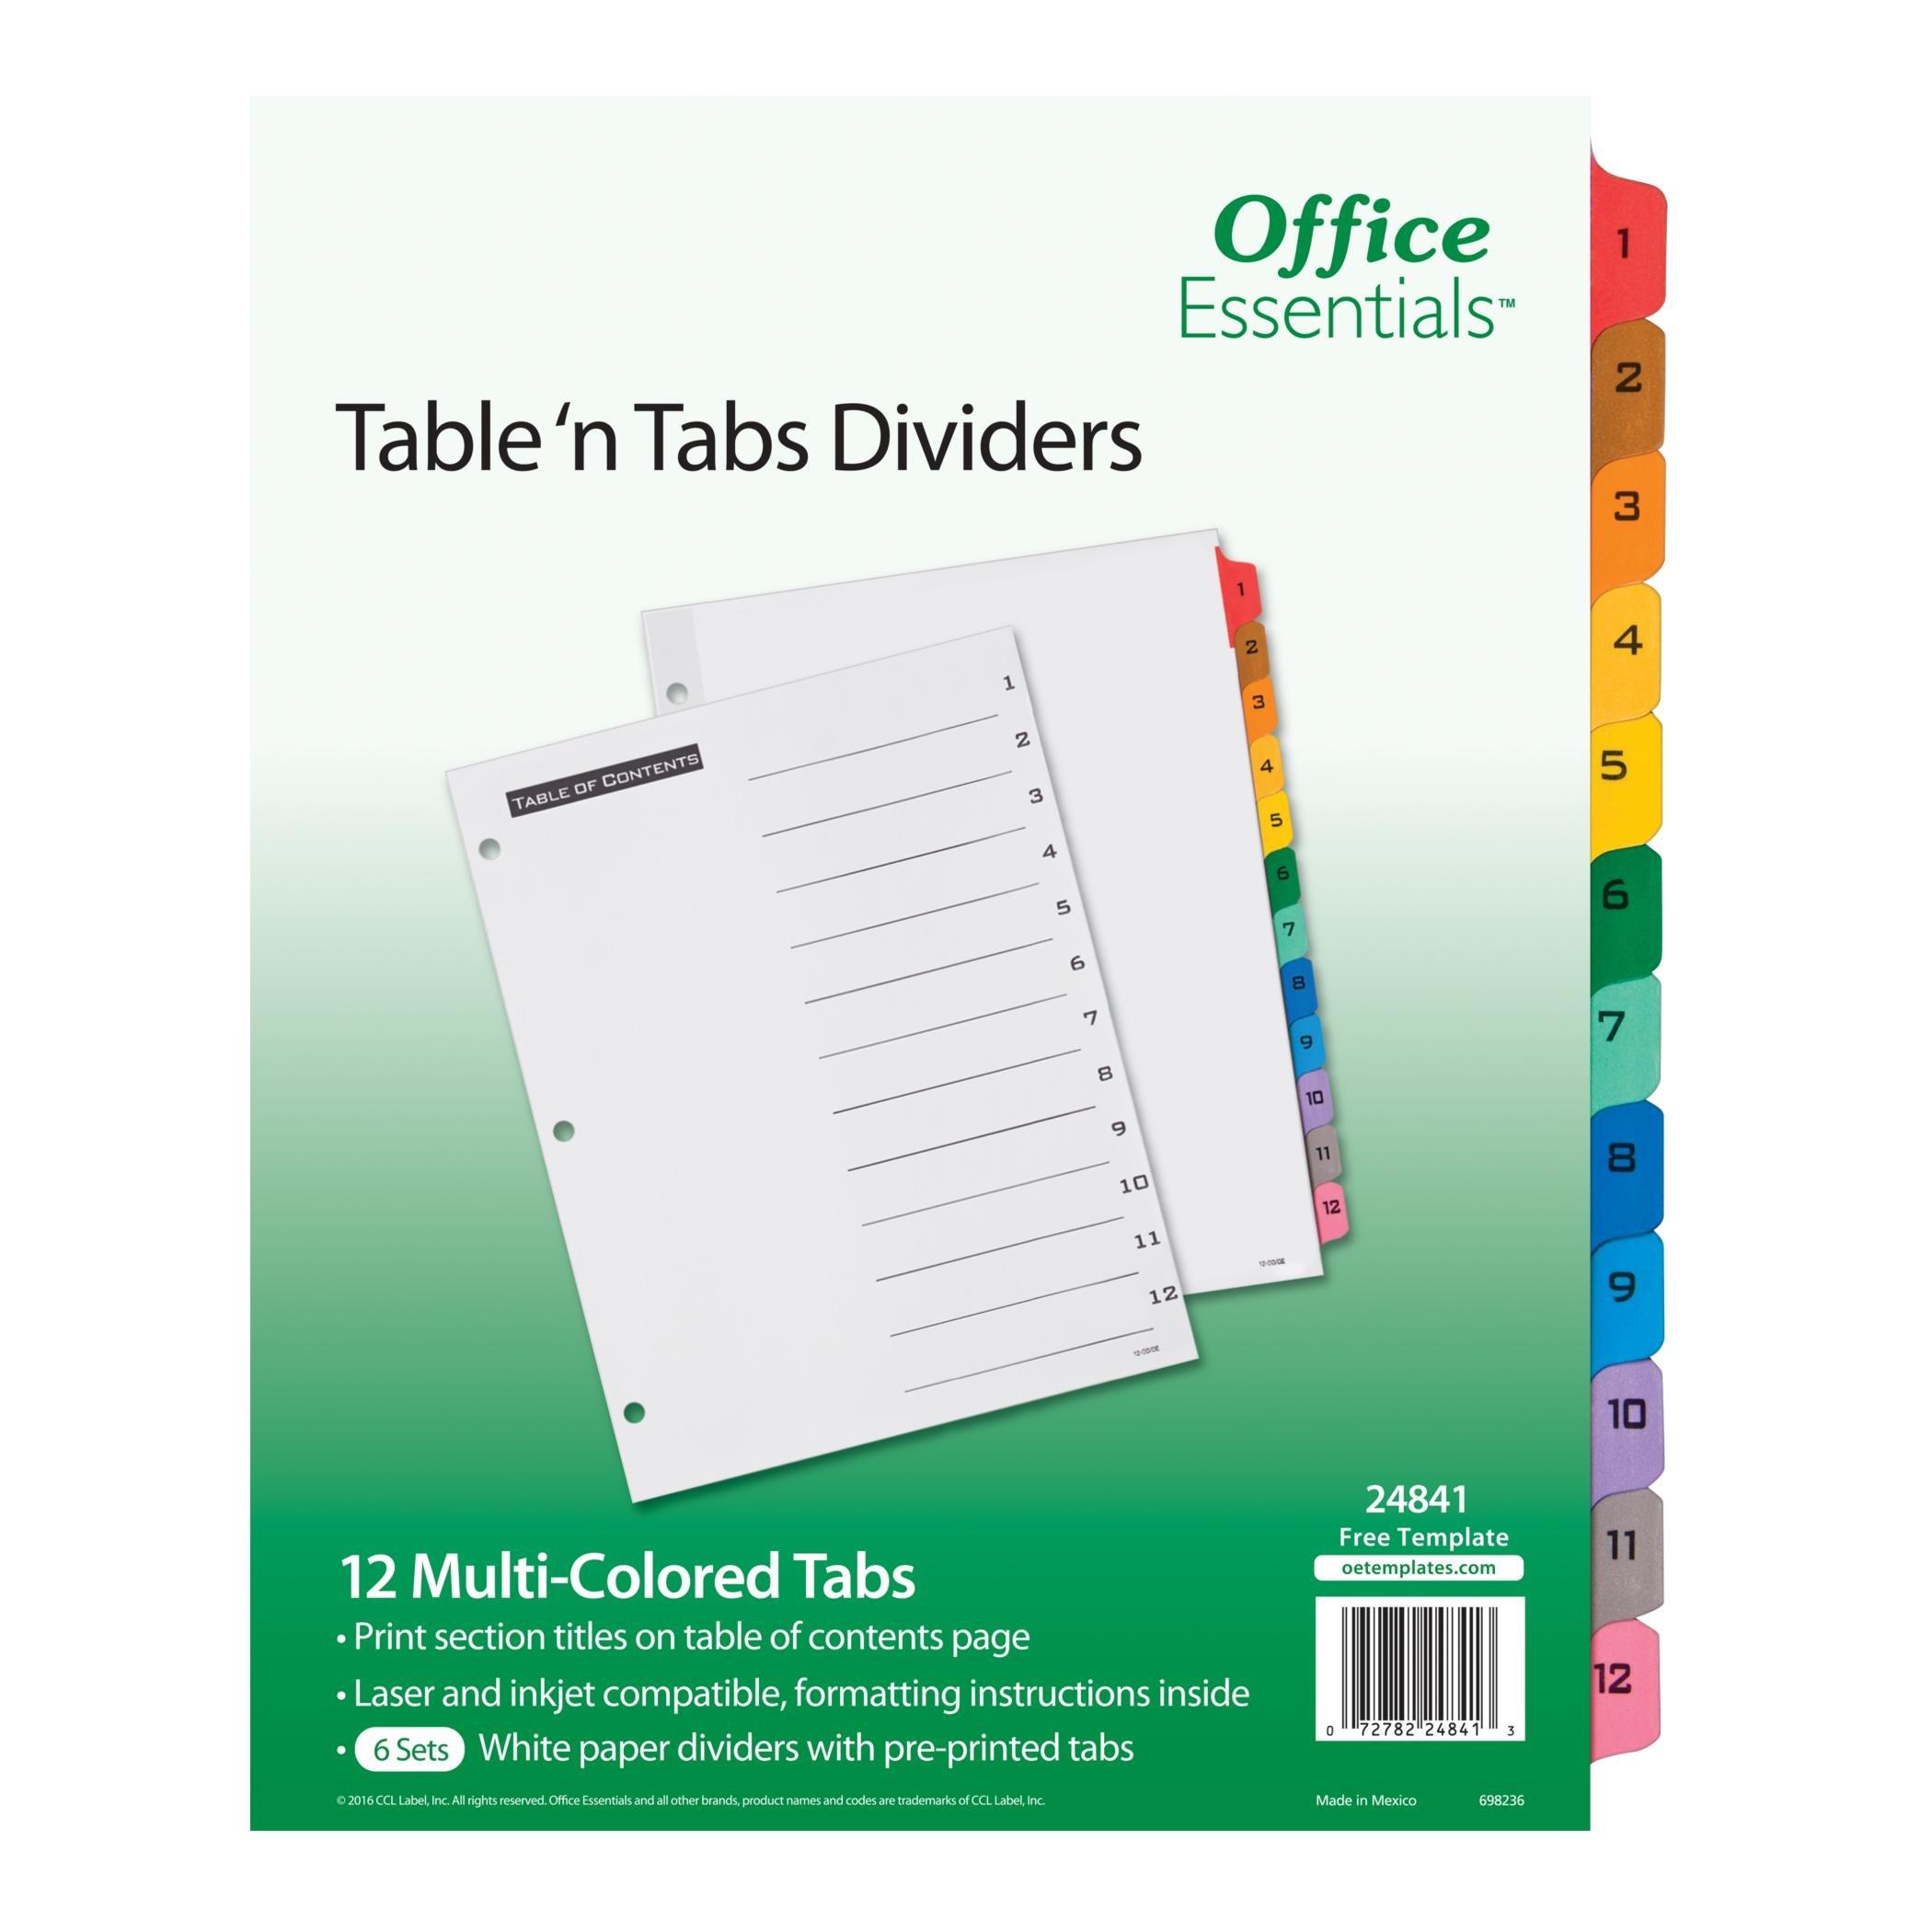 Office Essentials Table 'n Tabs Dividers, 8-1/2'' x 11'', 1-12 Tab, Multicolor Tab, Laser/Inkjet, 6 Pack, 24841)